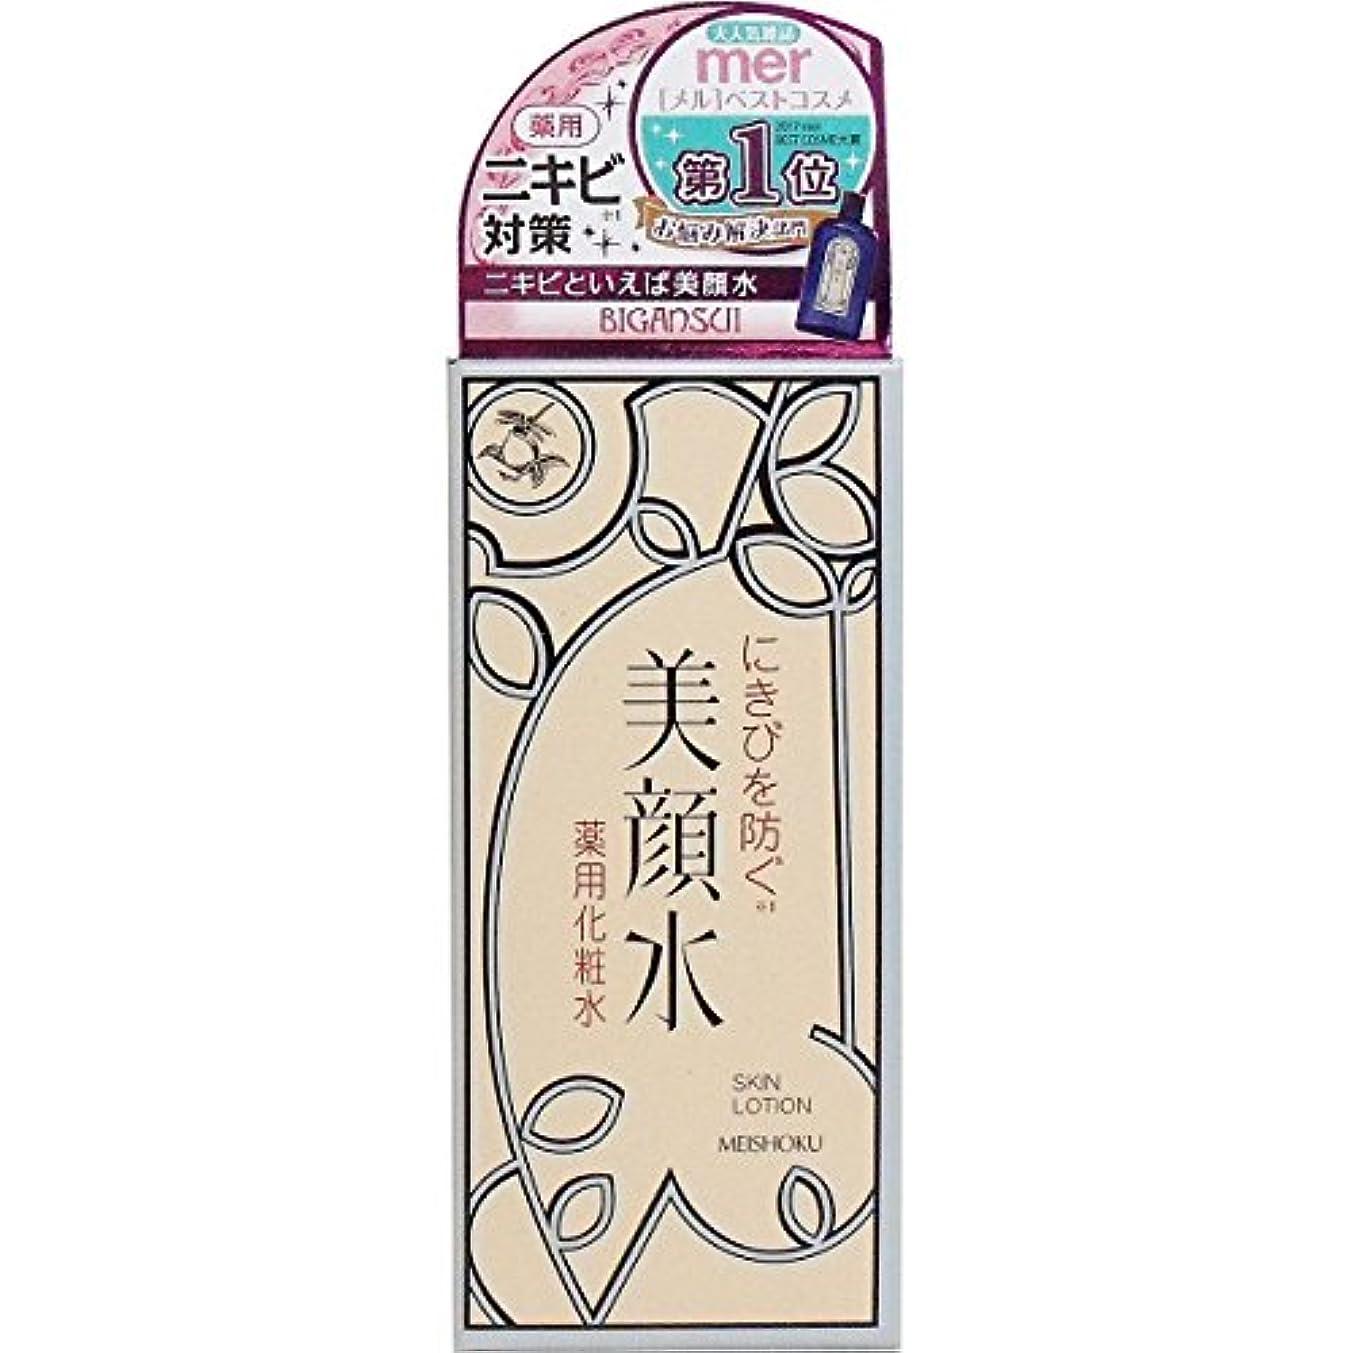 明色美顔水 薬用化粧水R 90ml